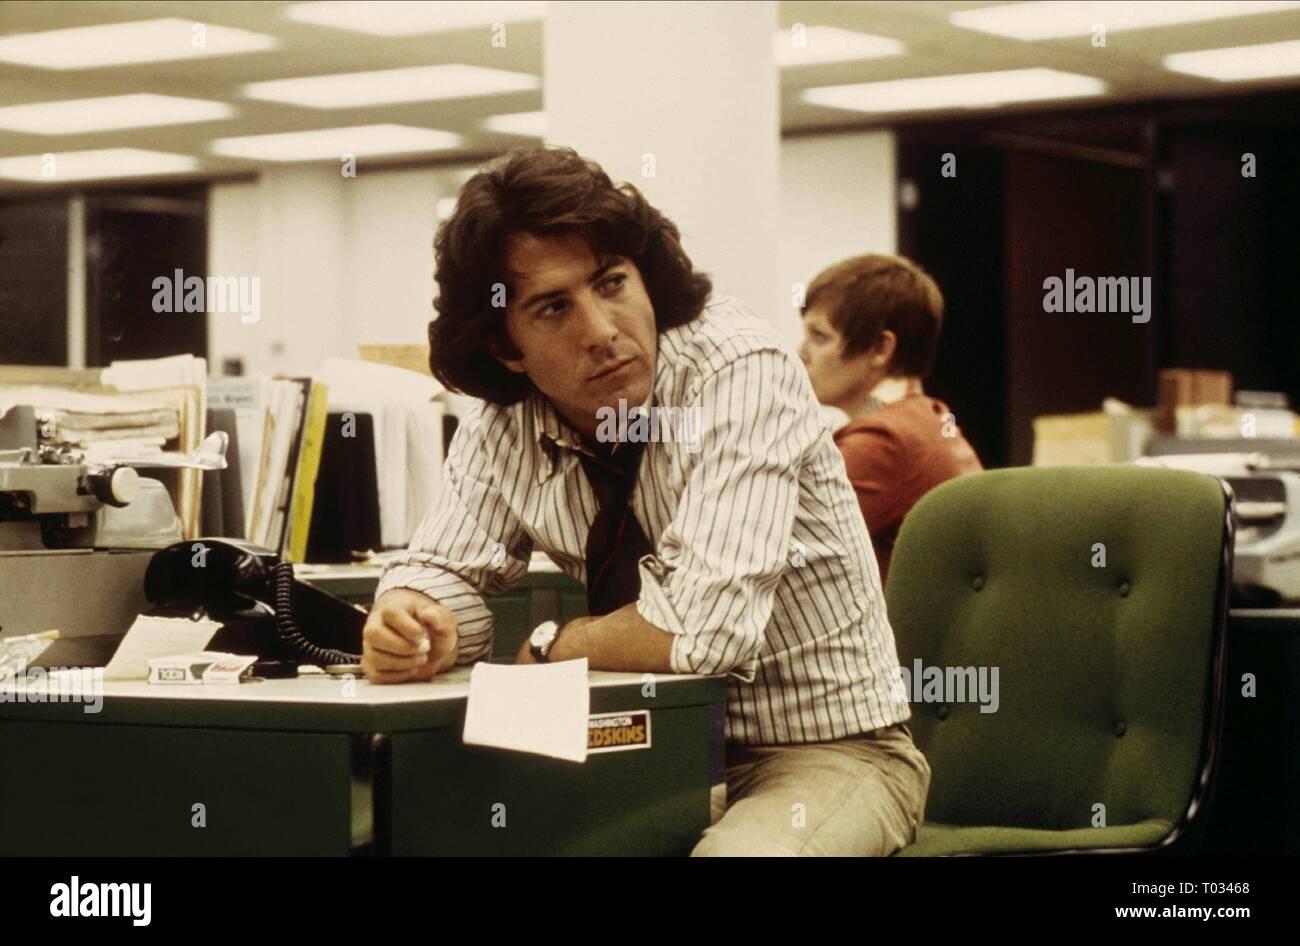 DUSTIN HOFFMAN, ALL THE PRESIDENT'S MEN, 1976 - Stock Image